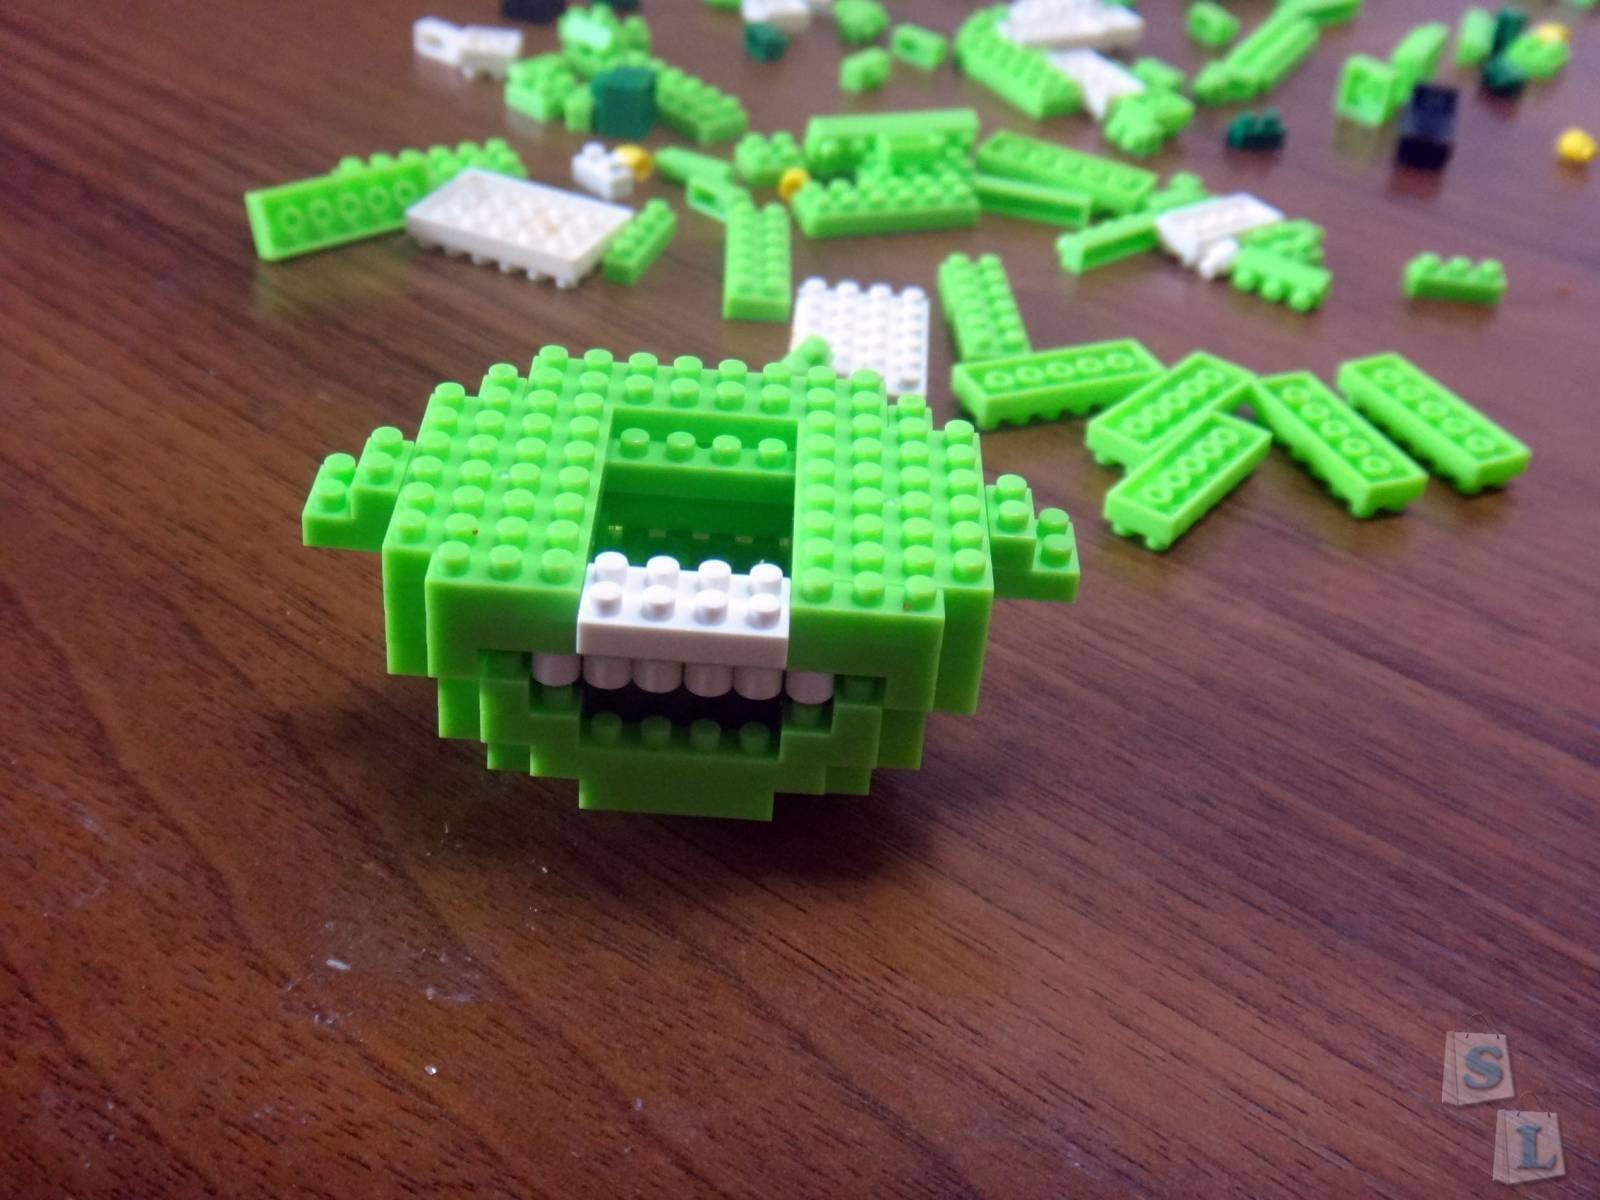 GearBest: Детский конструктор LOZ собираем из маленьких деталей интересных персонажей